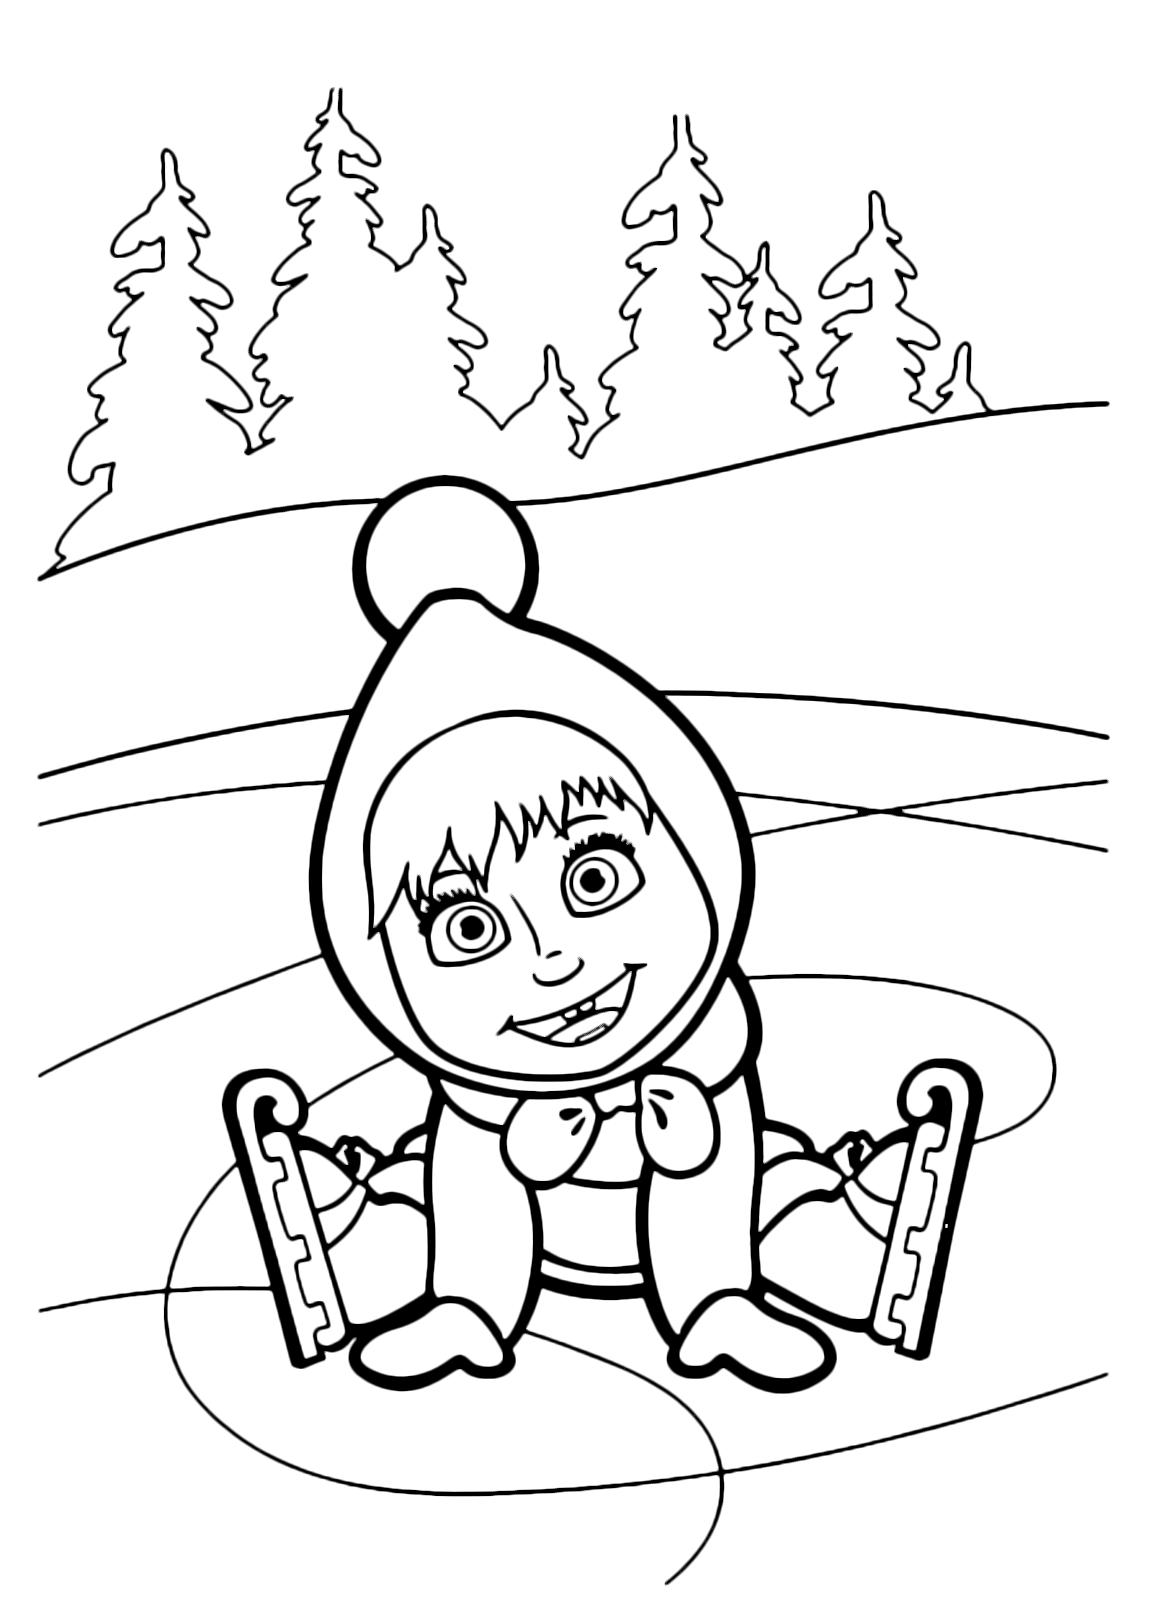 Masha e orso masha caduta con i pattini sul ghiaccio for Masha e orso stampa e colora